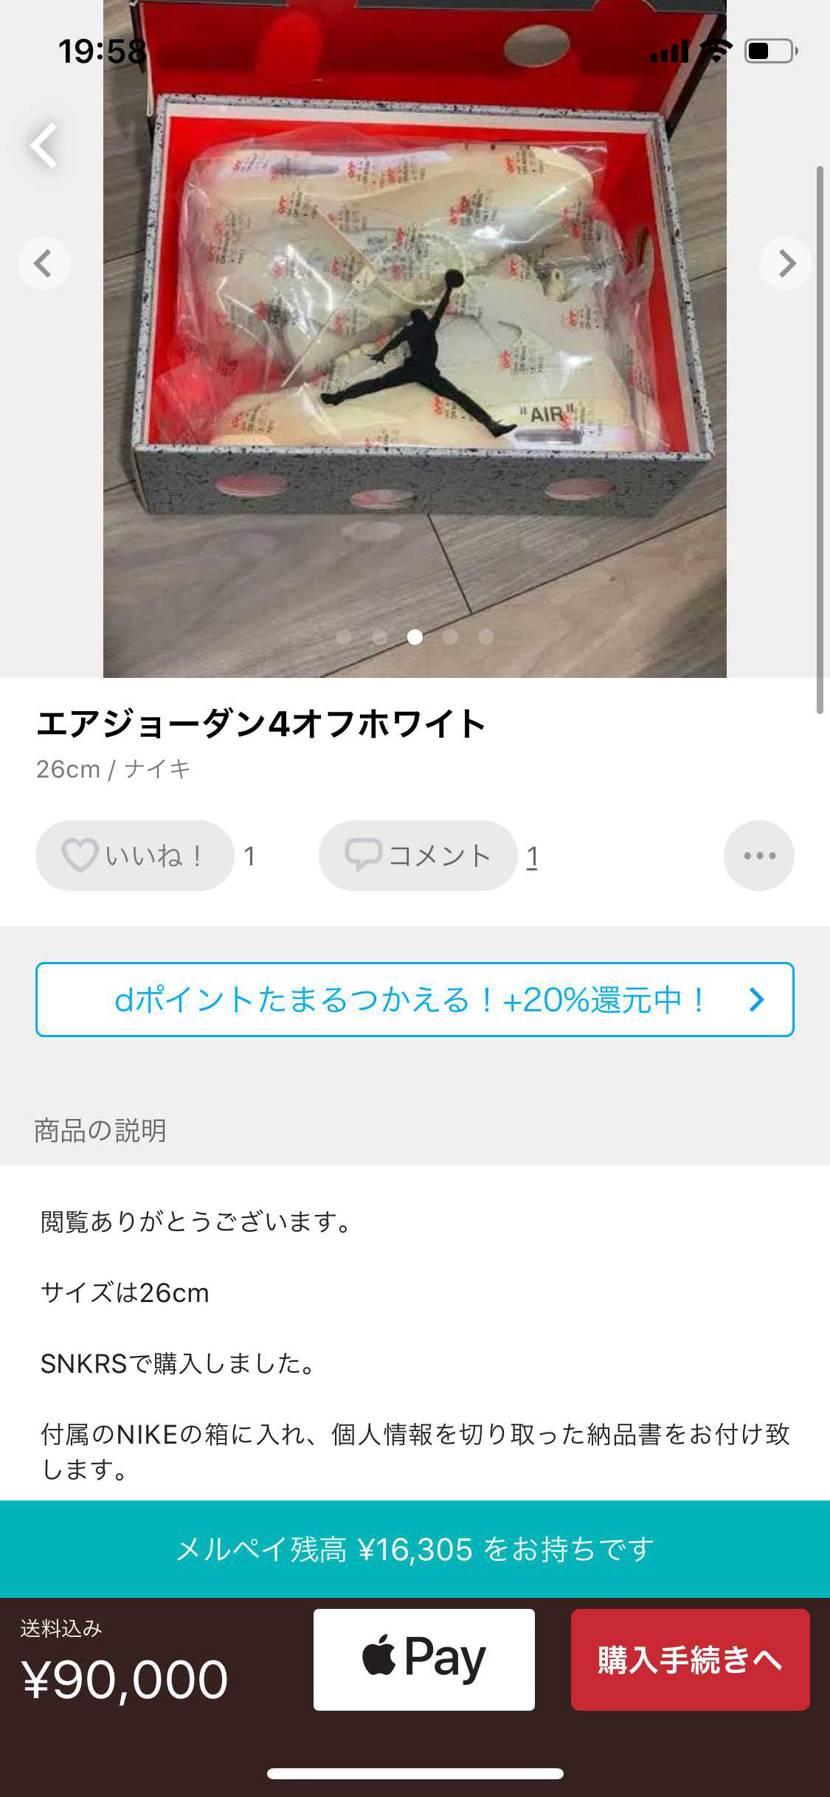 SNKRS購入なんに現品もうあって草 沖縄から発送です